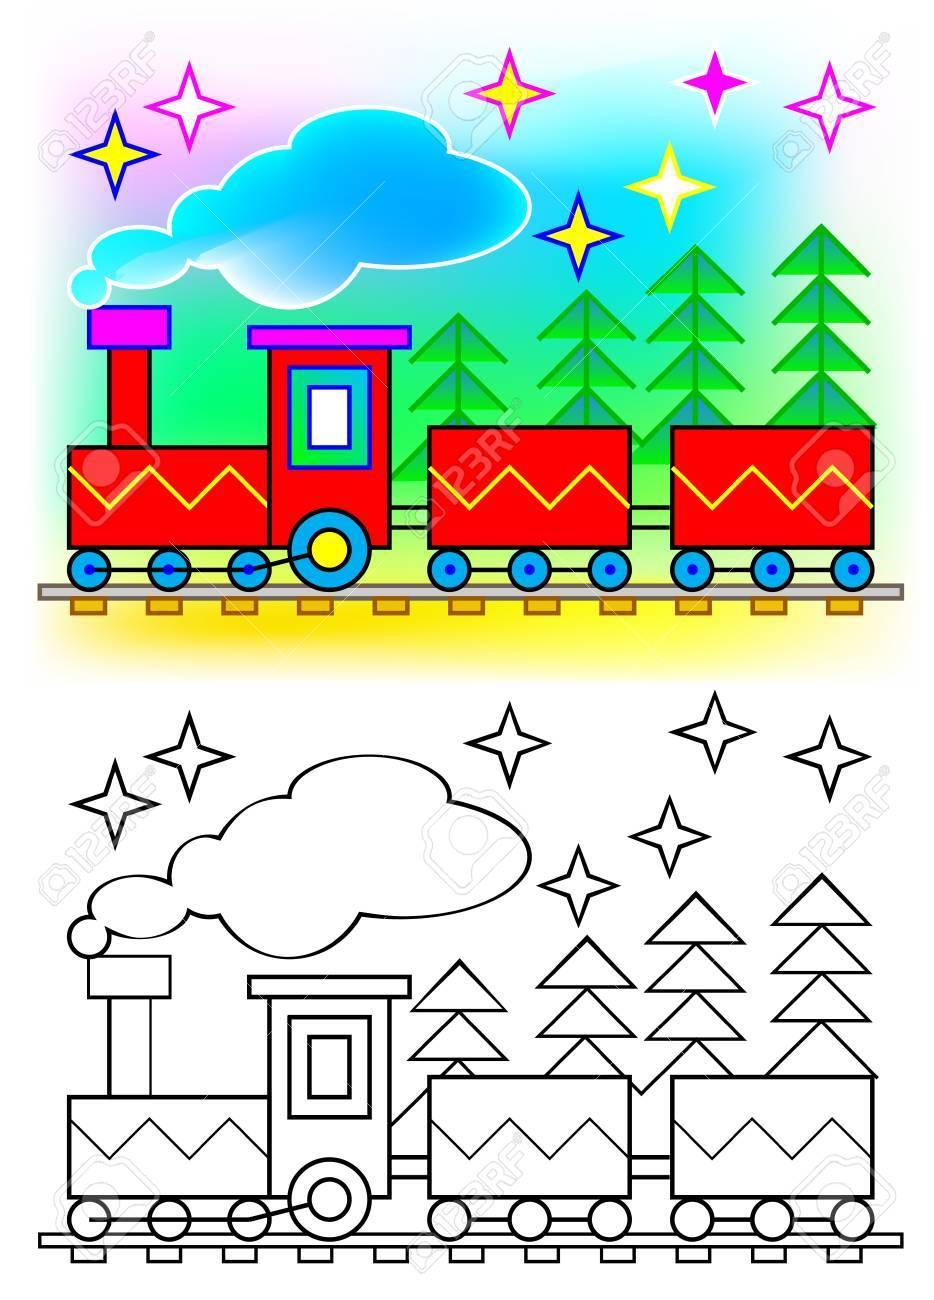 Tren De Patrón Colorido Y Blanco Y Negro Hoja De Trabajo Para Colorear Imagen De Dibujos Animados De Vector